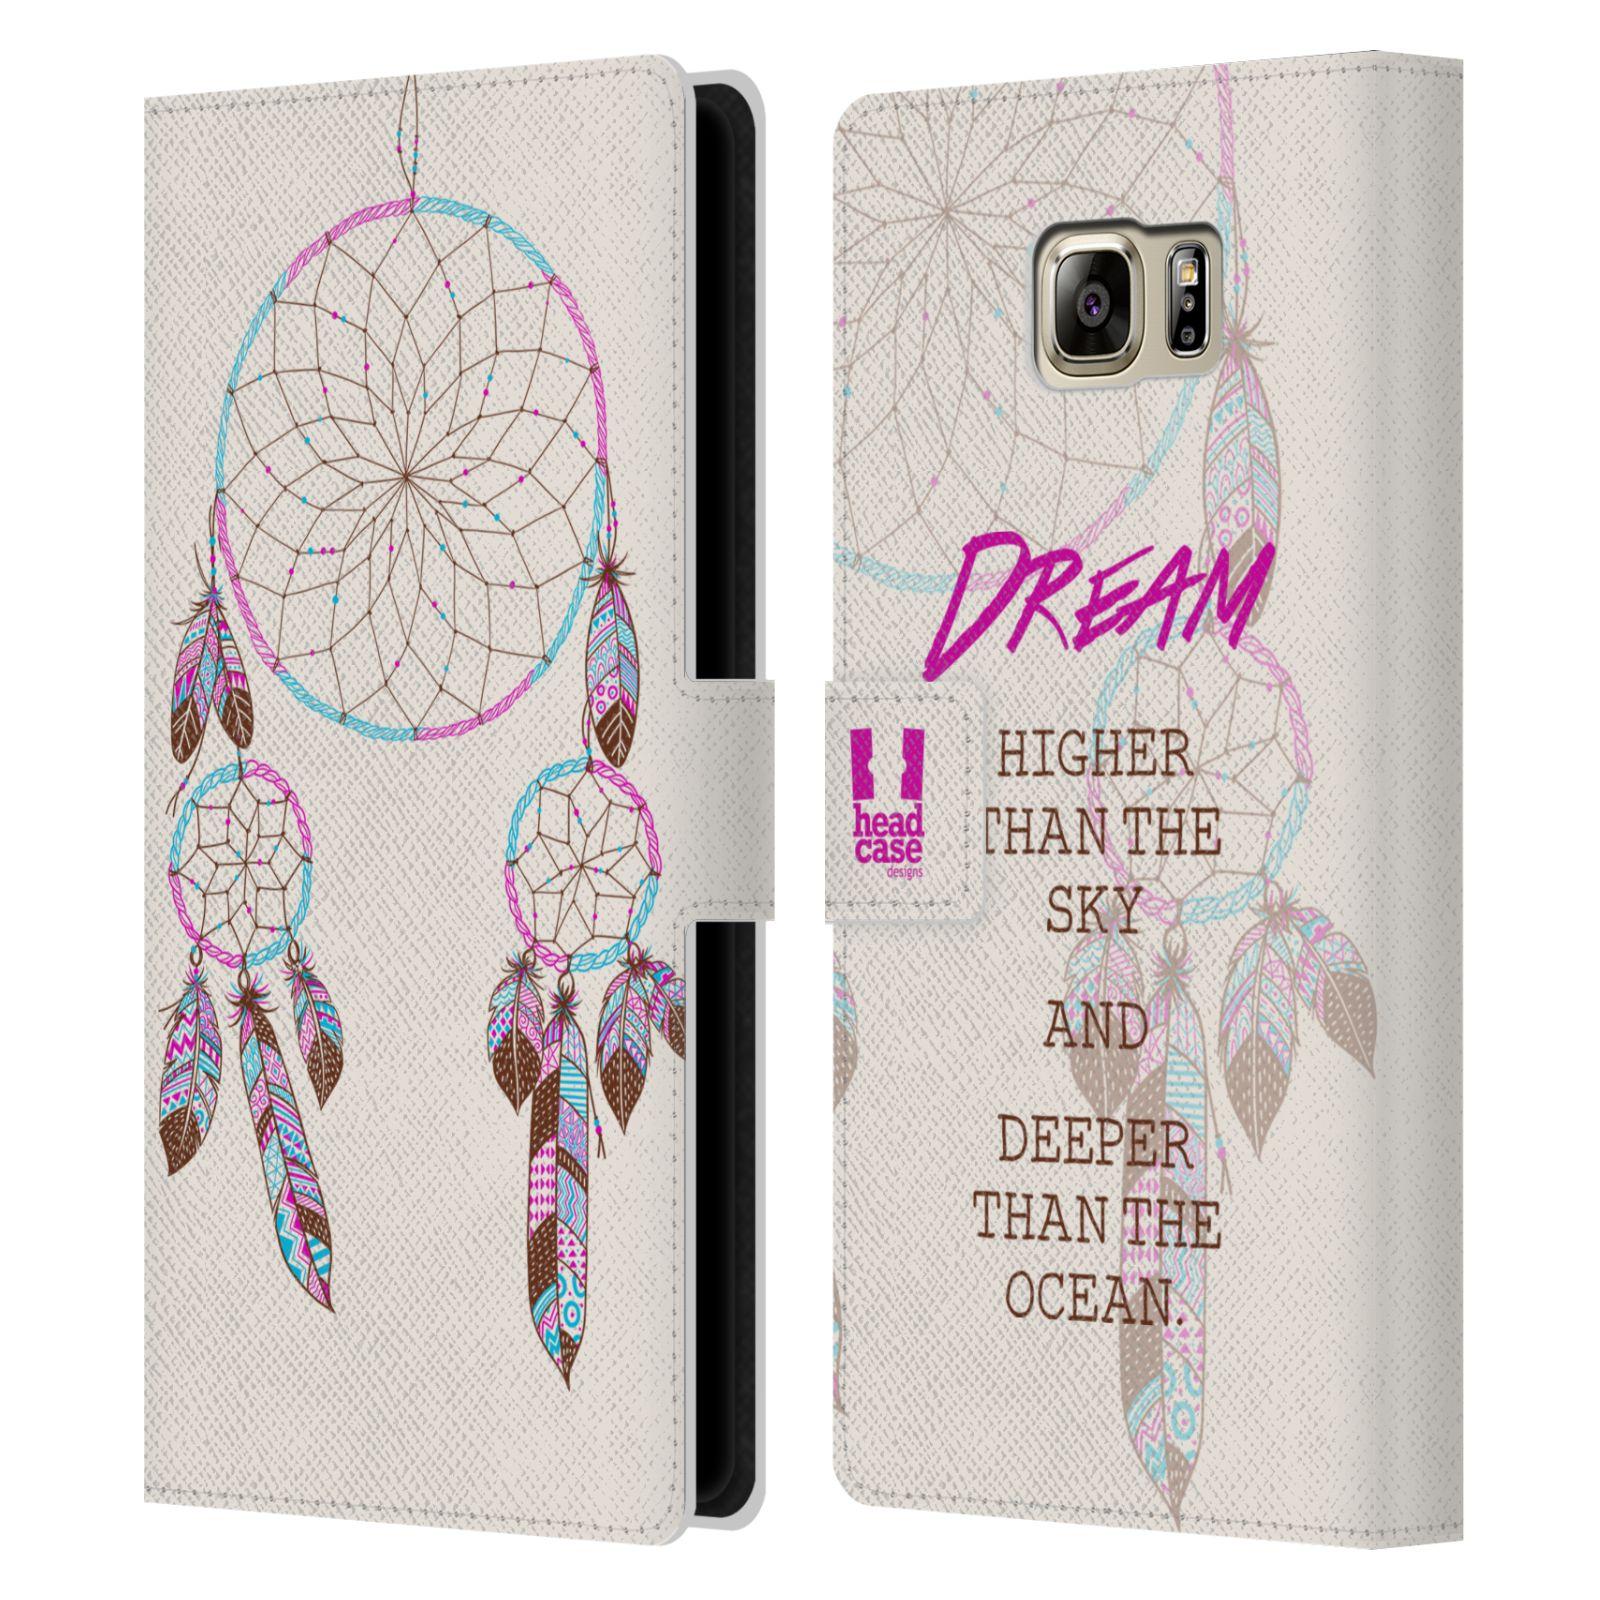 Pouzdro na mobil Samsung Galaxy NOTE 5 - Head Case - Lapač snů fialová dream